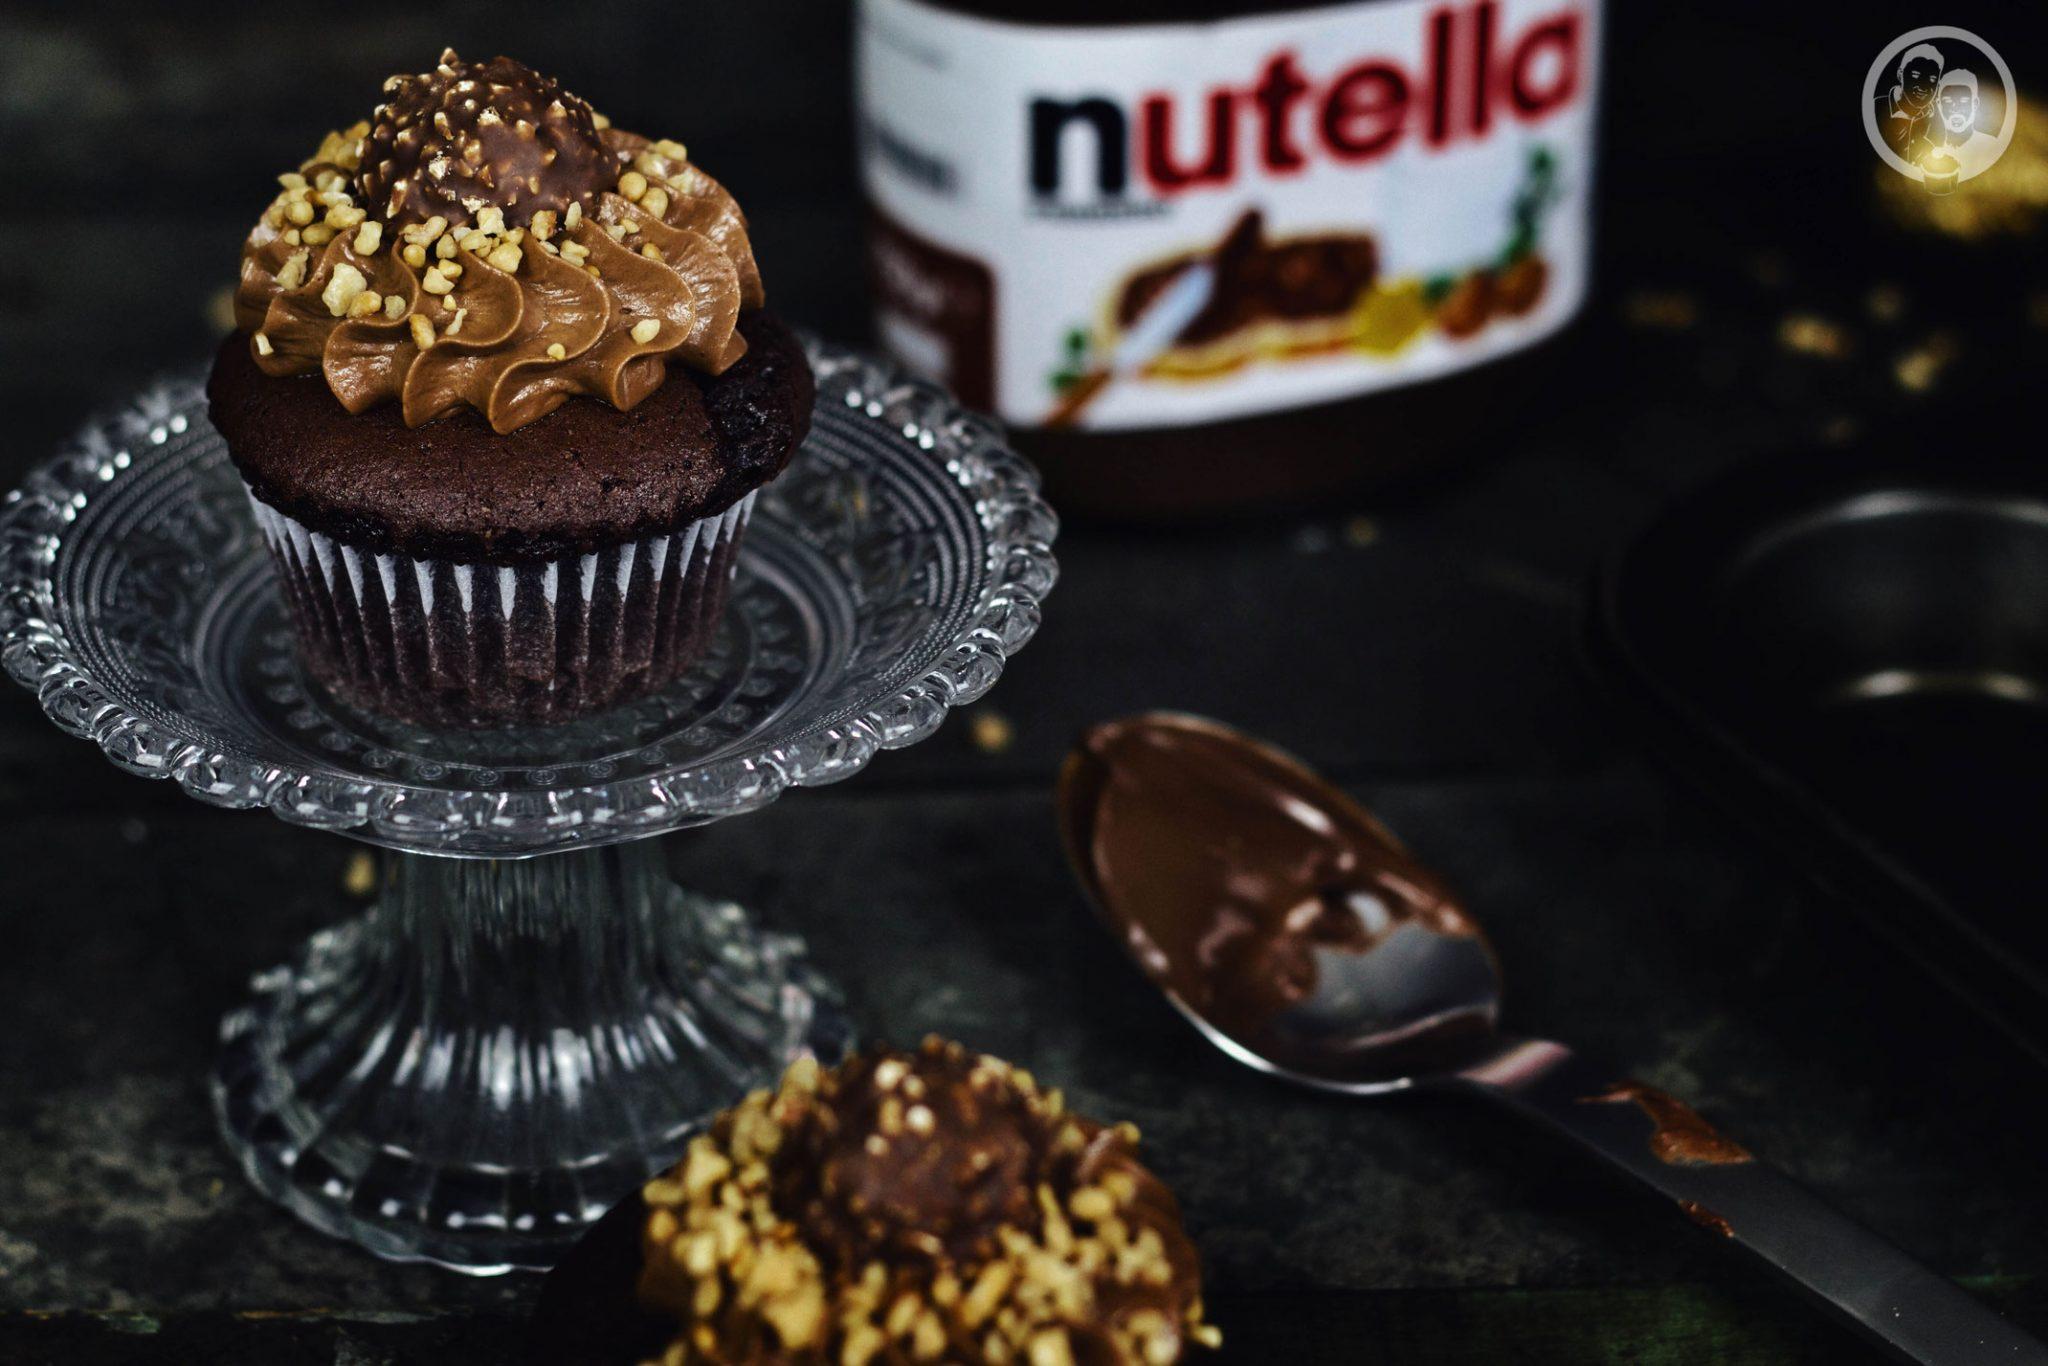 nutella rocher cupcakes rezept backen 3 | Die Nutella-Rocher Cupcakes waren unser erster großer Hit auf dem Blog!